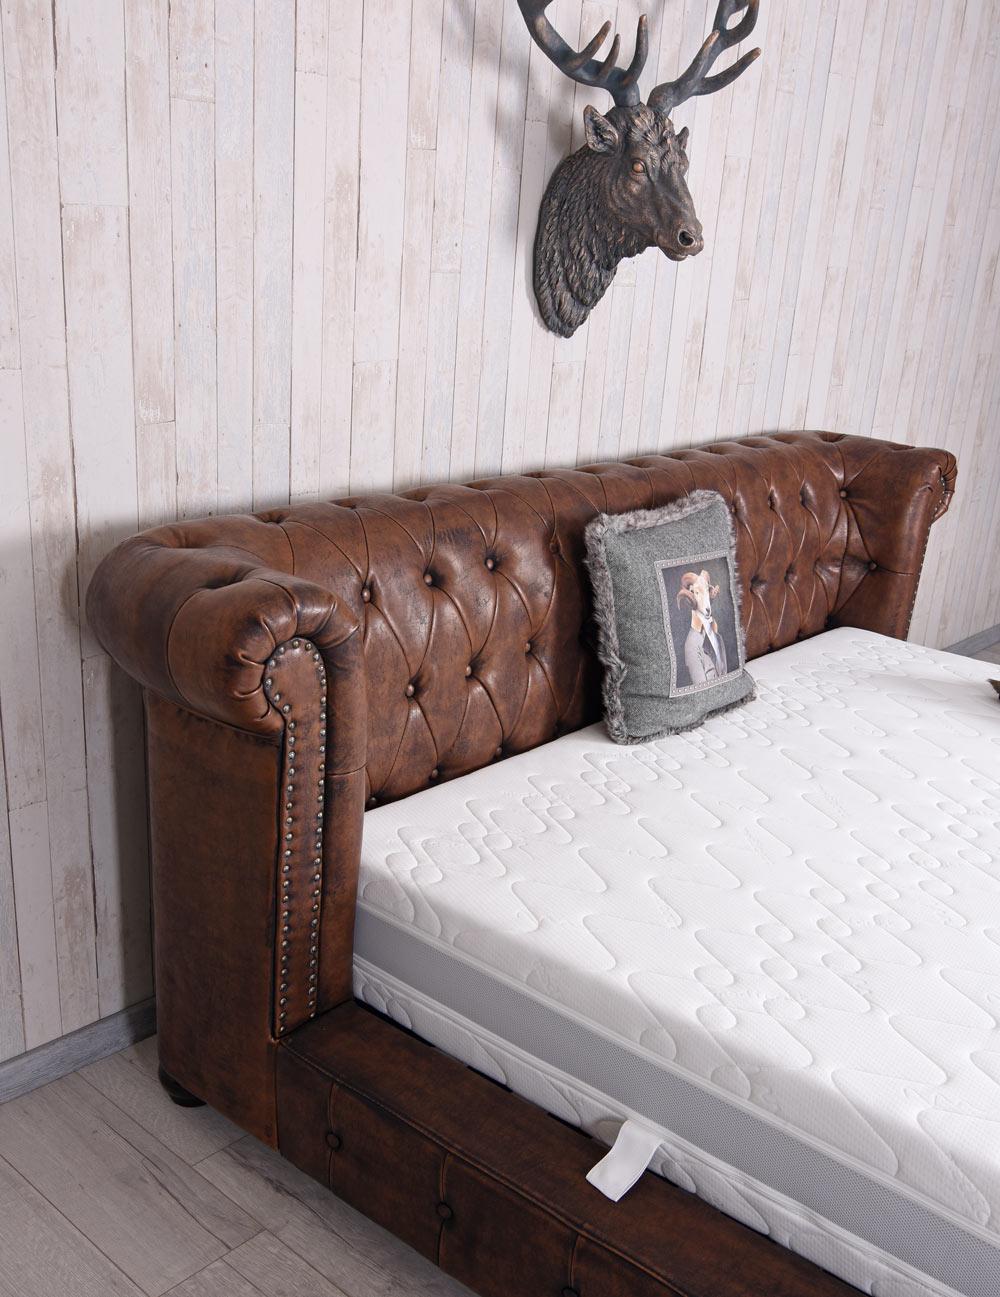 Chesterfield Bett Kunstleder Ehebett Vintage Doppelbett